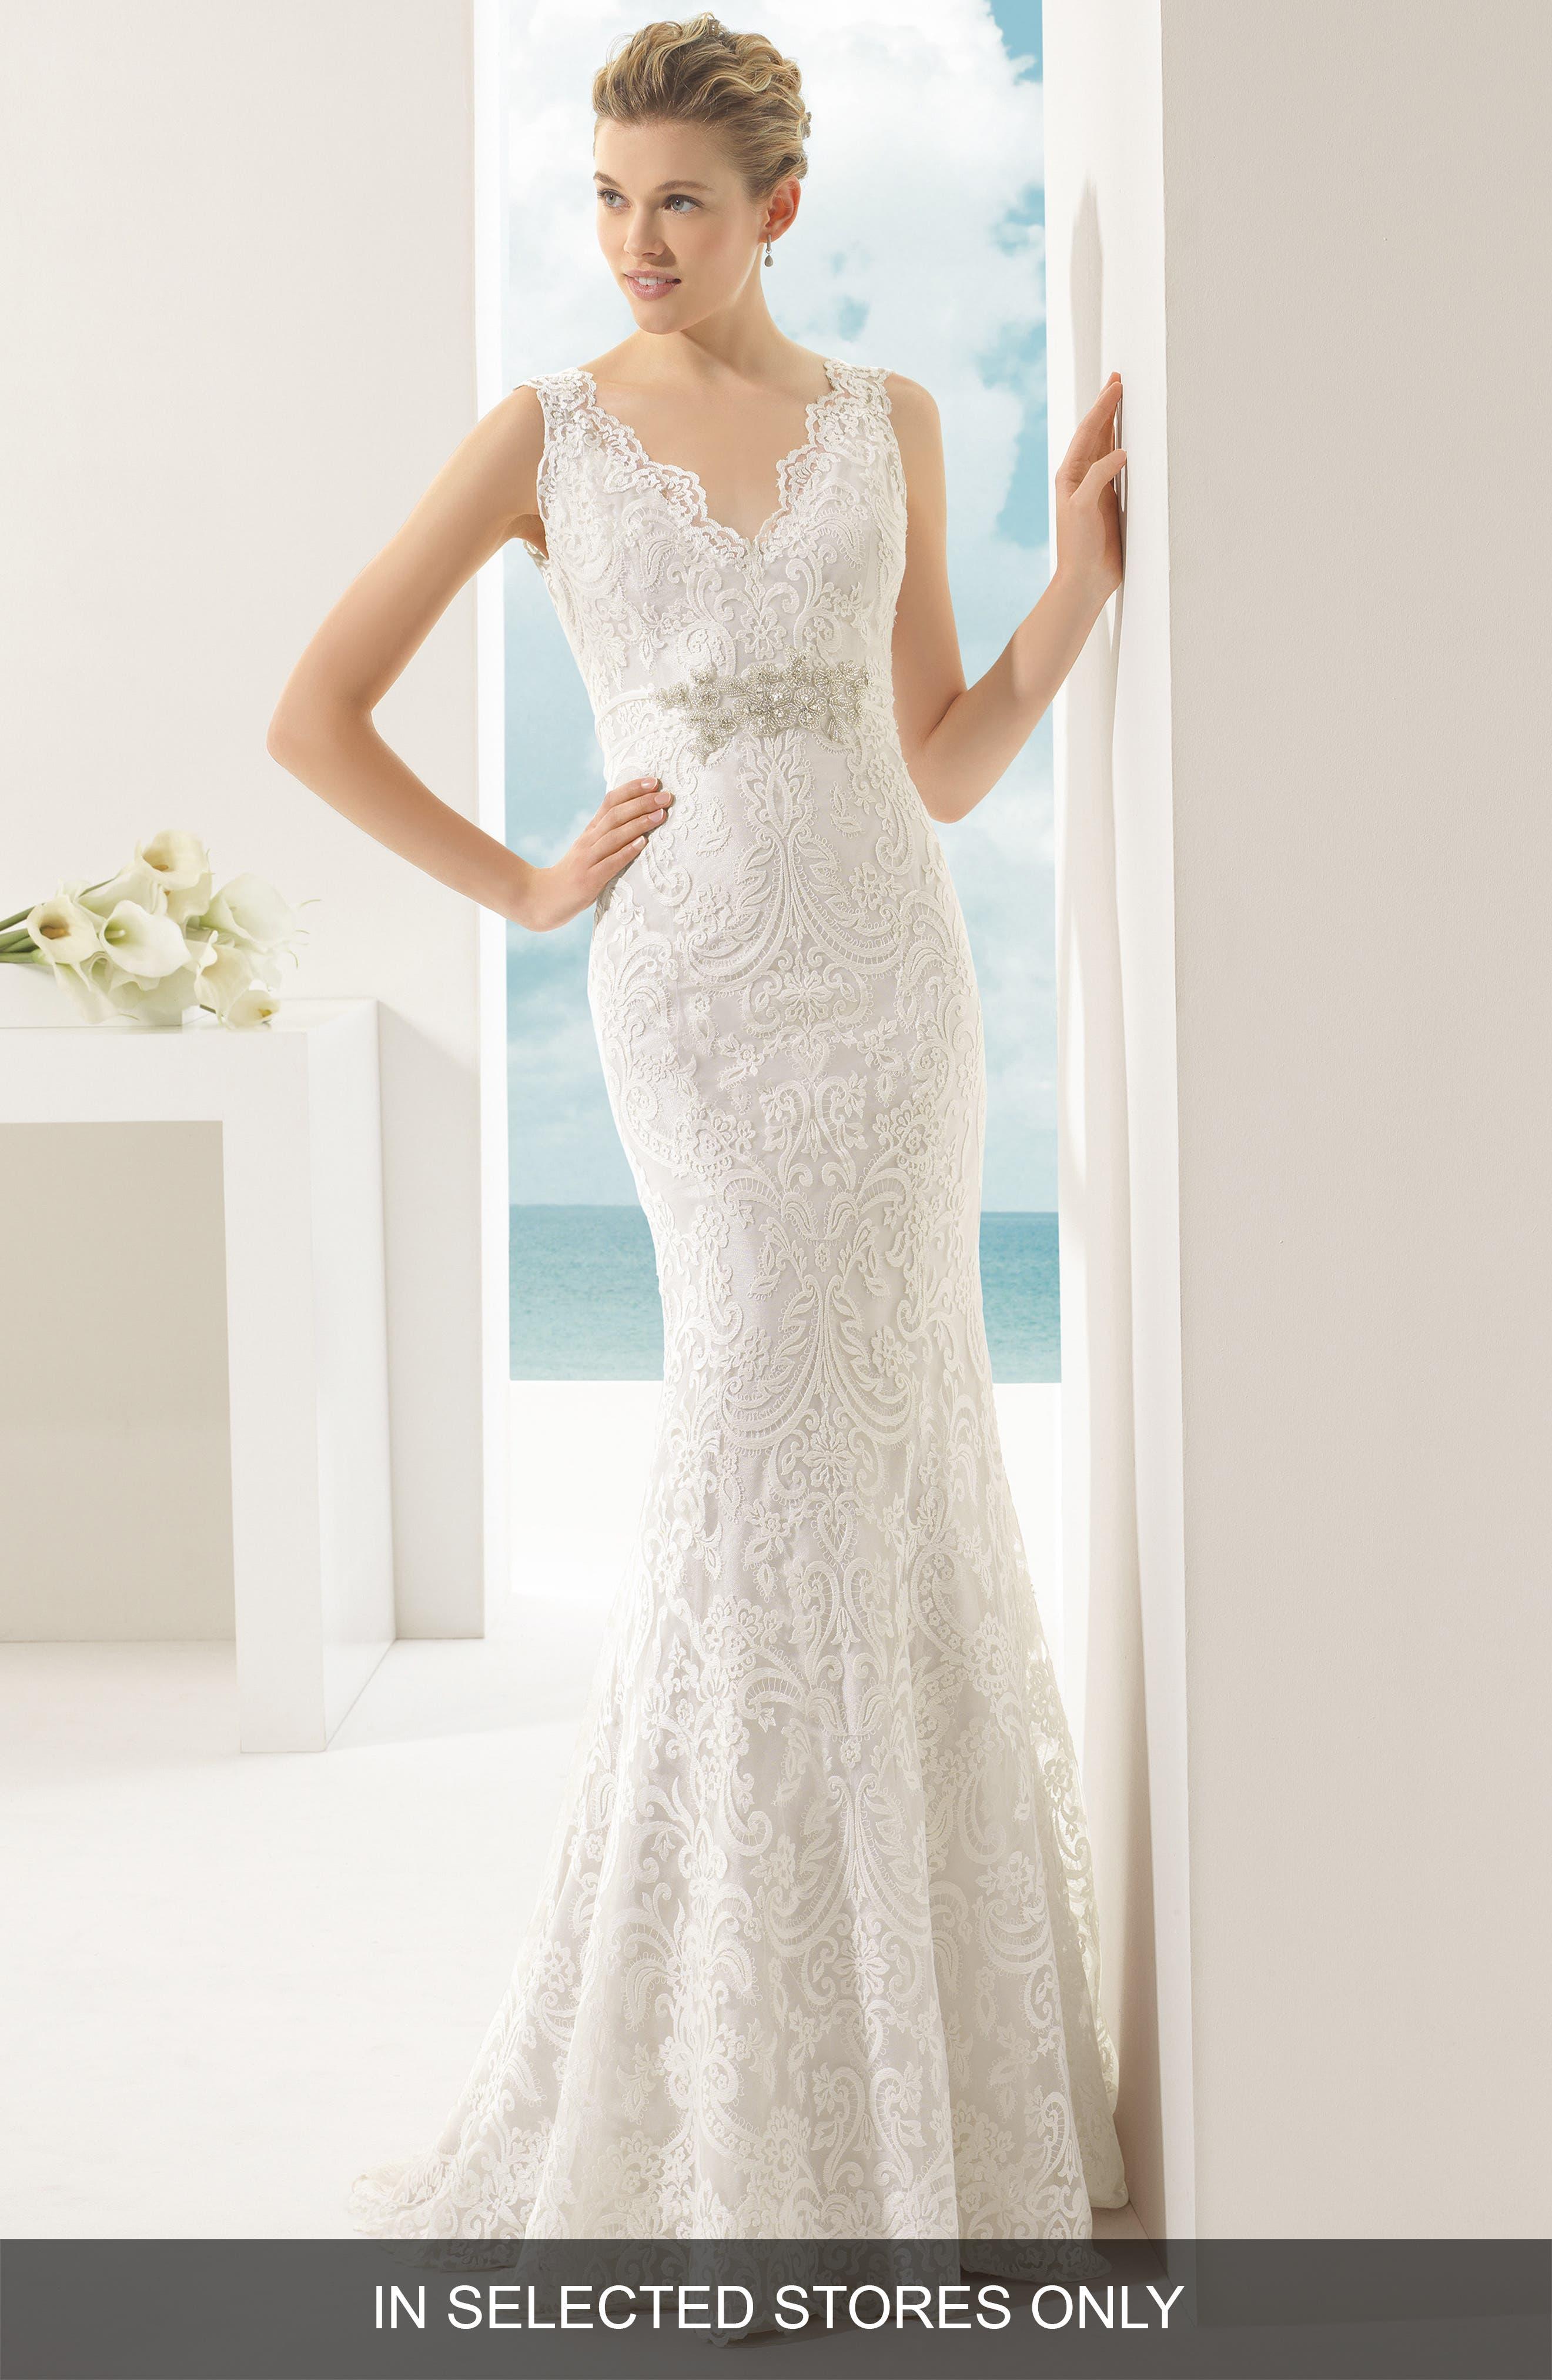 Main Image - Rosa Clara Soft Vigo Beaded V-Neck Lace Overlay Mermaid Dress